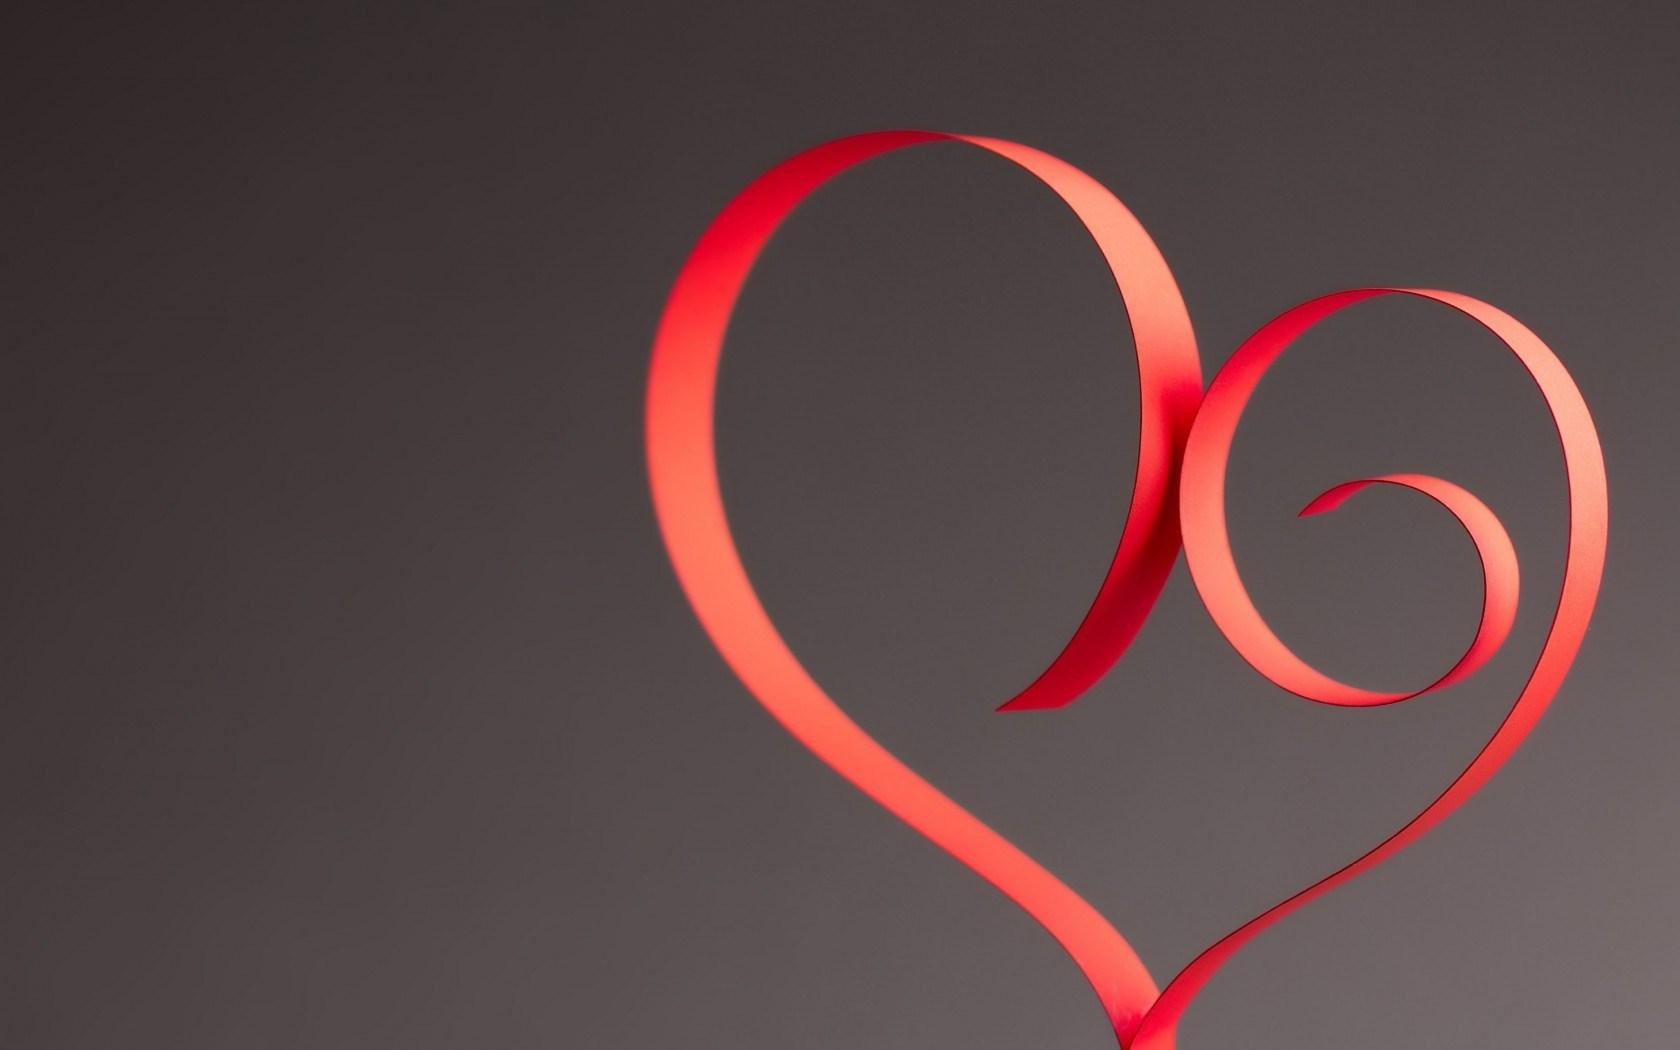 fantastic heart mood wallpaper 43538